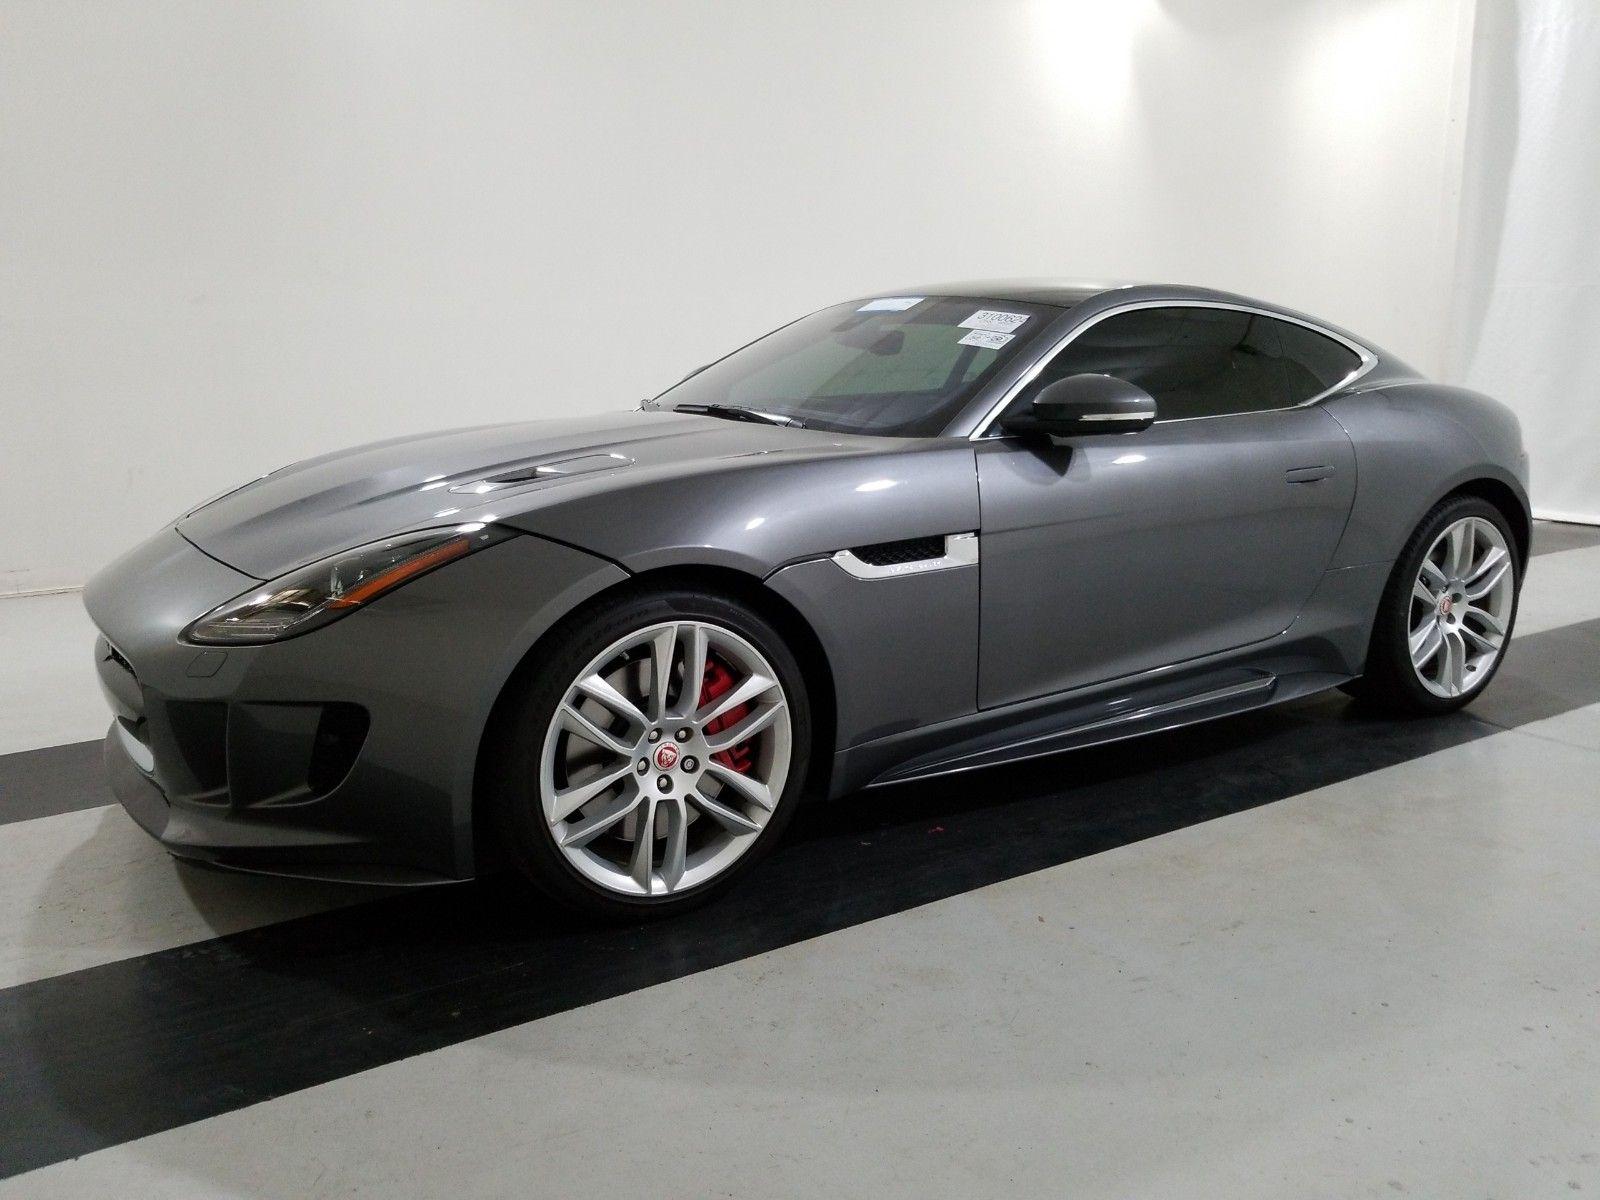 2017 Jaguar F-type 5.0. Lot 99913822901 Vin SAJWJ6DL3HMK42219